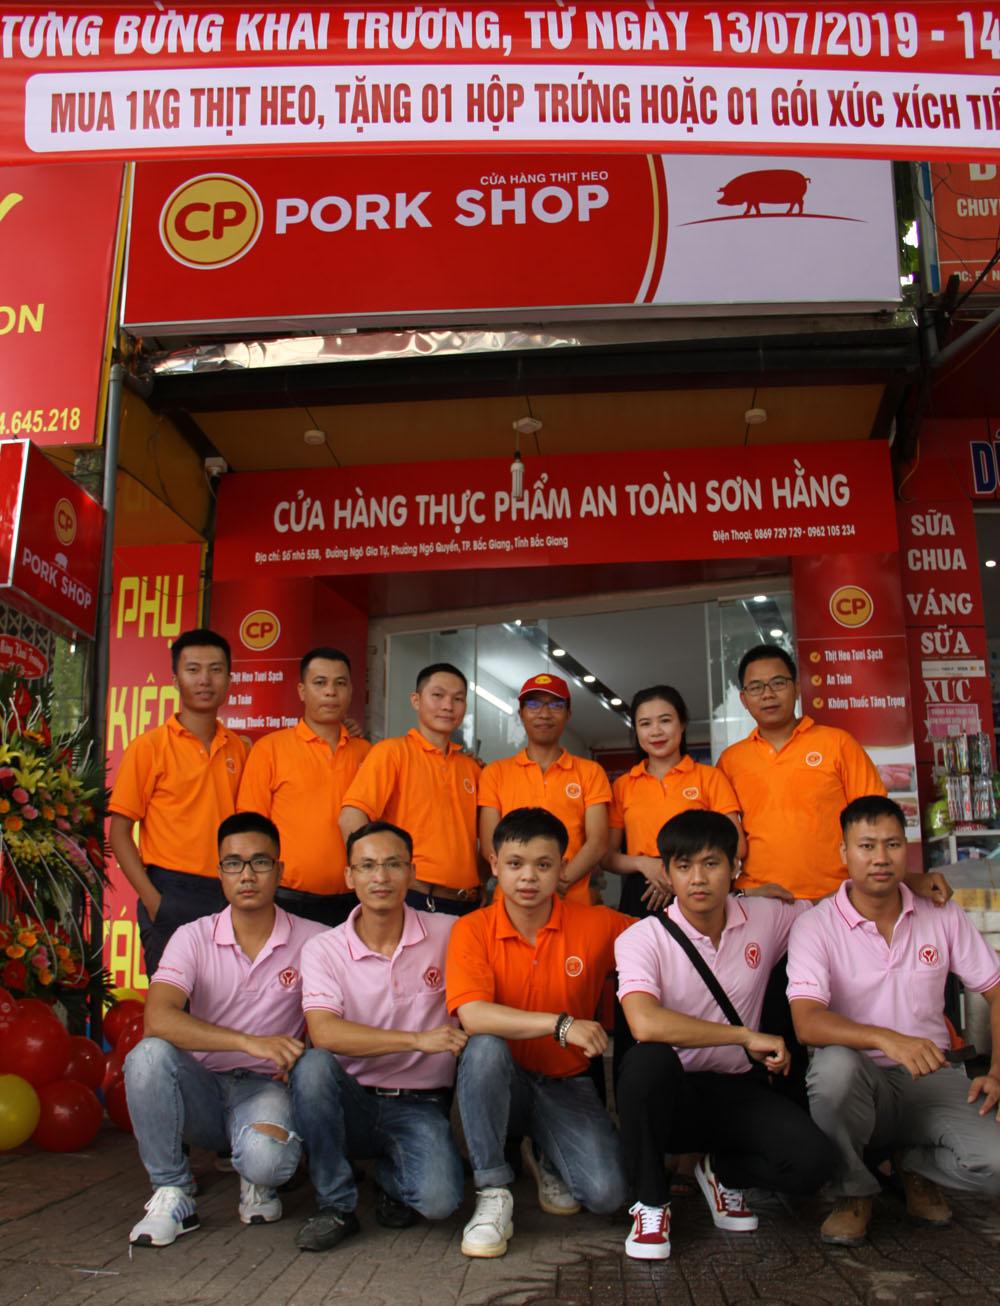 thực phẩm an toàn Sơn Hằng, CP Việt Nam, thịt lợn sạch, Bắc Giang